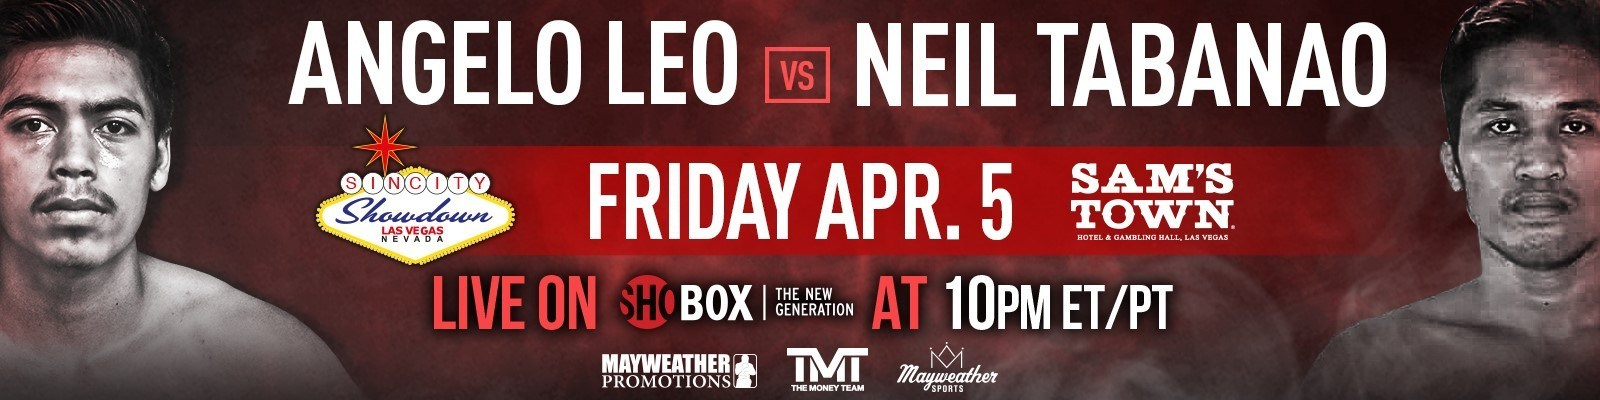 Angelo Leo vs. Neil John Tabanao banner - Leonard Ellerbe talks Angelo Leo, upside of 'ShoBox' cards